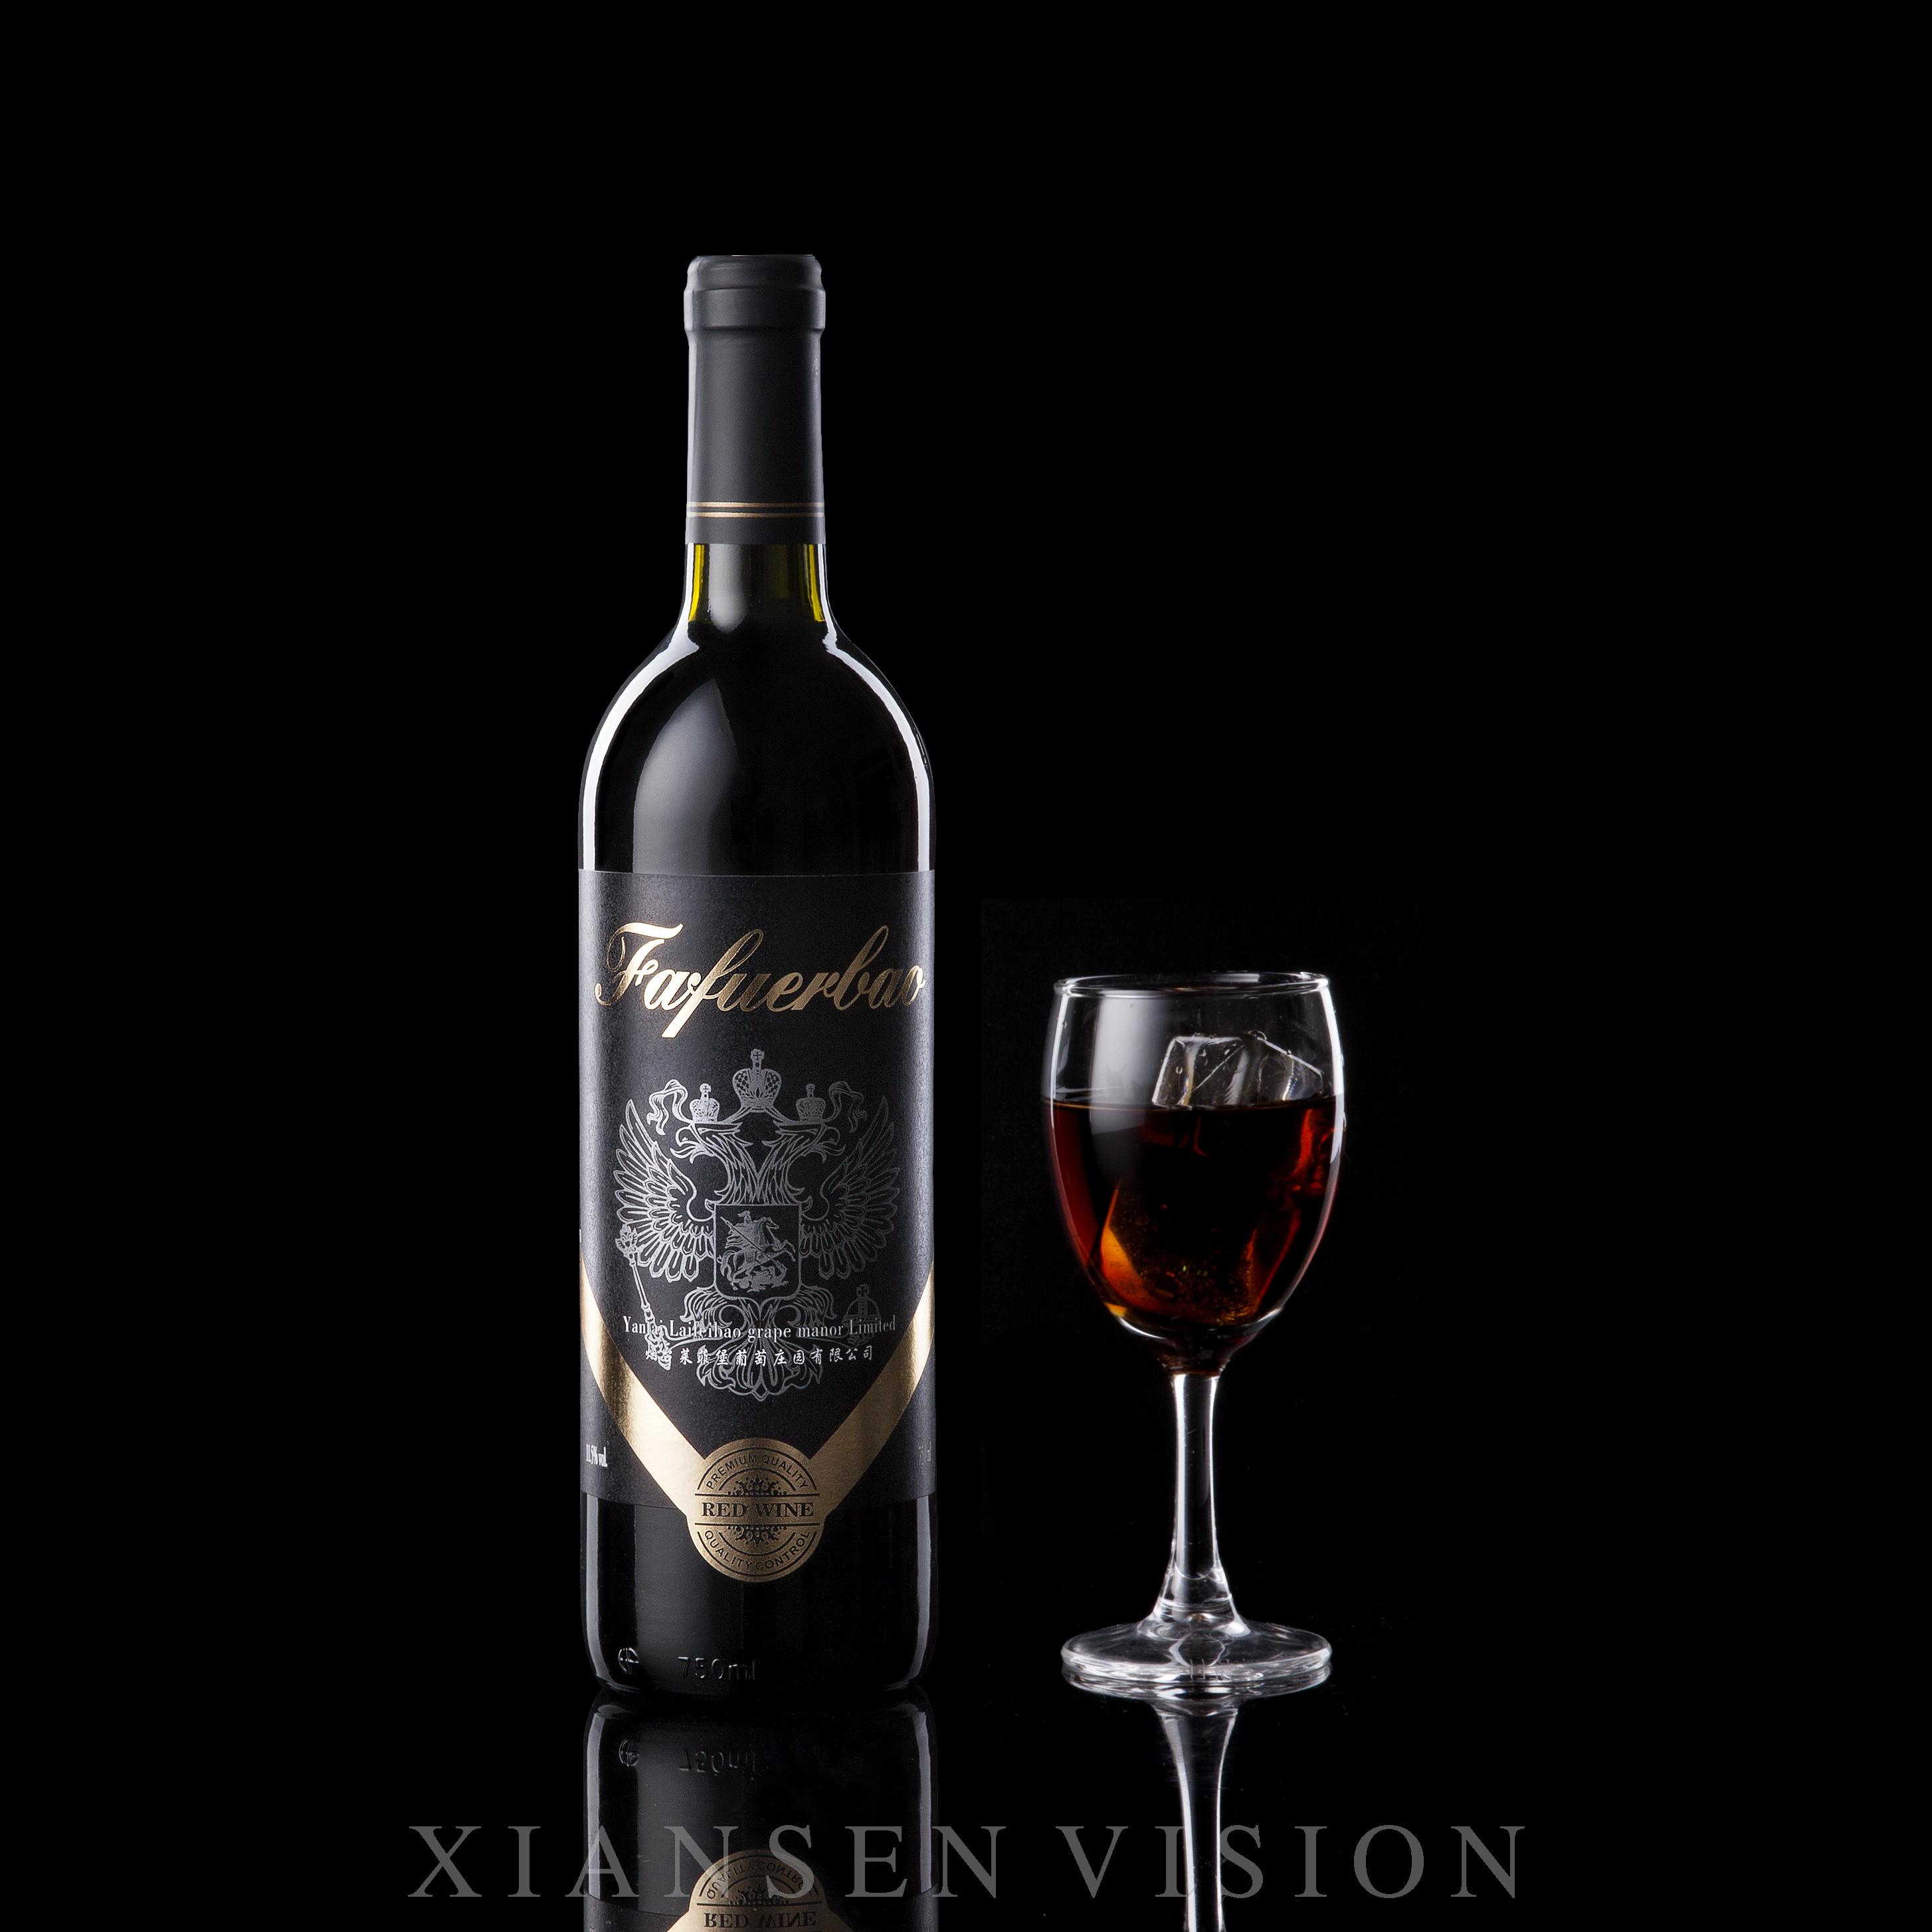 白酒 长城 法国 干红 干红葡萄酒 红酒 进口 酒 拉菲 葡萄酒 网 张裕